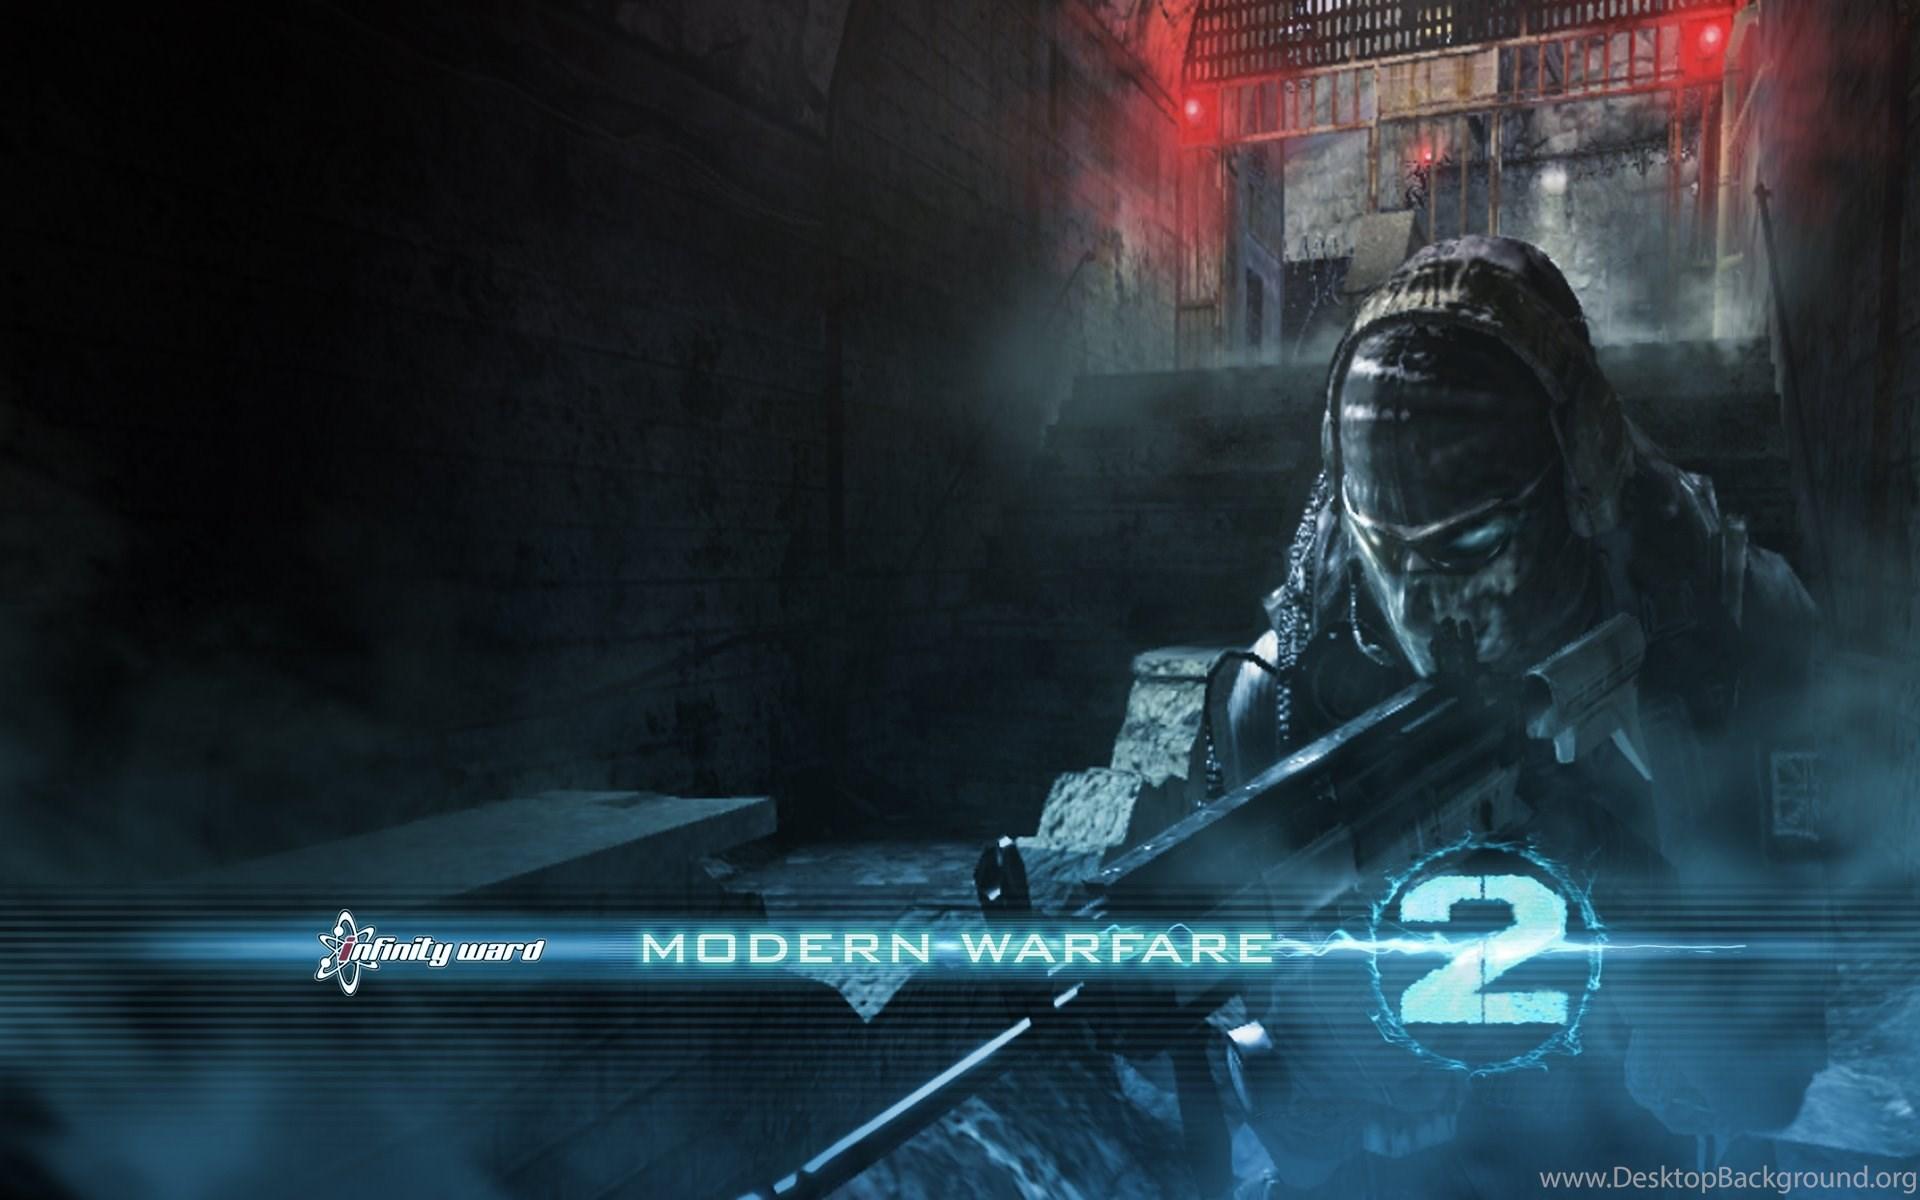 Call Of Duty Modern Warfare 2 Ghost Cod Games 1920x1200 Hd